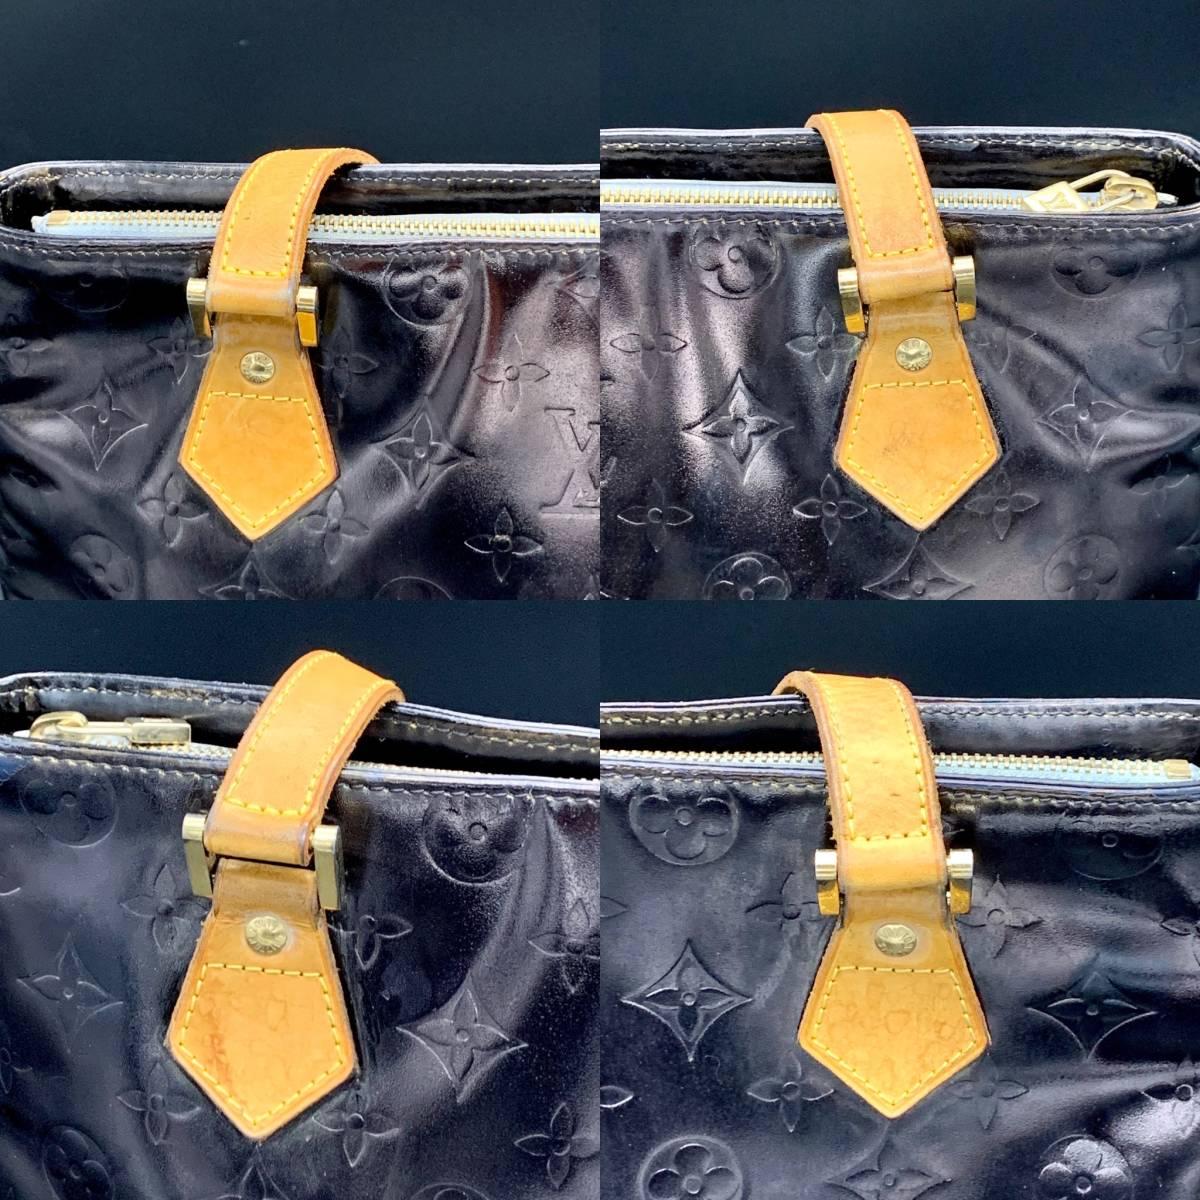 【艶消し】【漆黒】 ルイヴィトン ヴェルニ ヒューストンM91053  ハンドバッグ トートバッグ ベージュxマットブラック_画像4